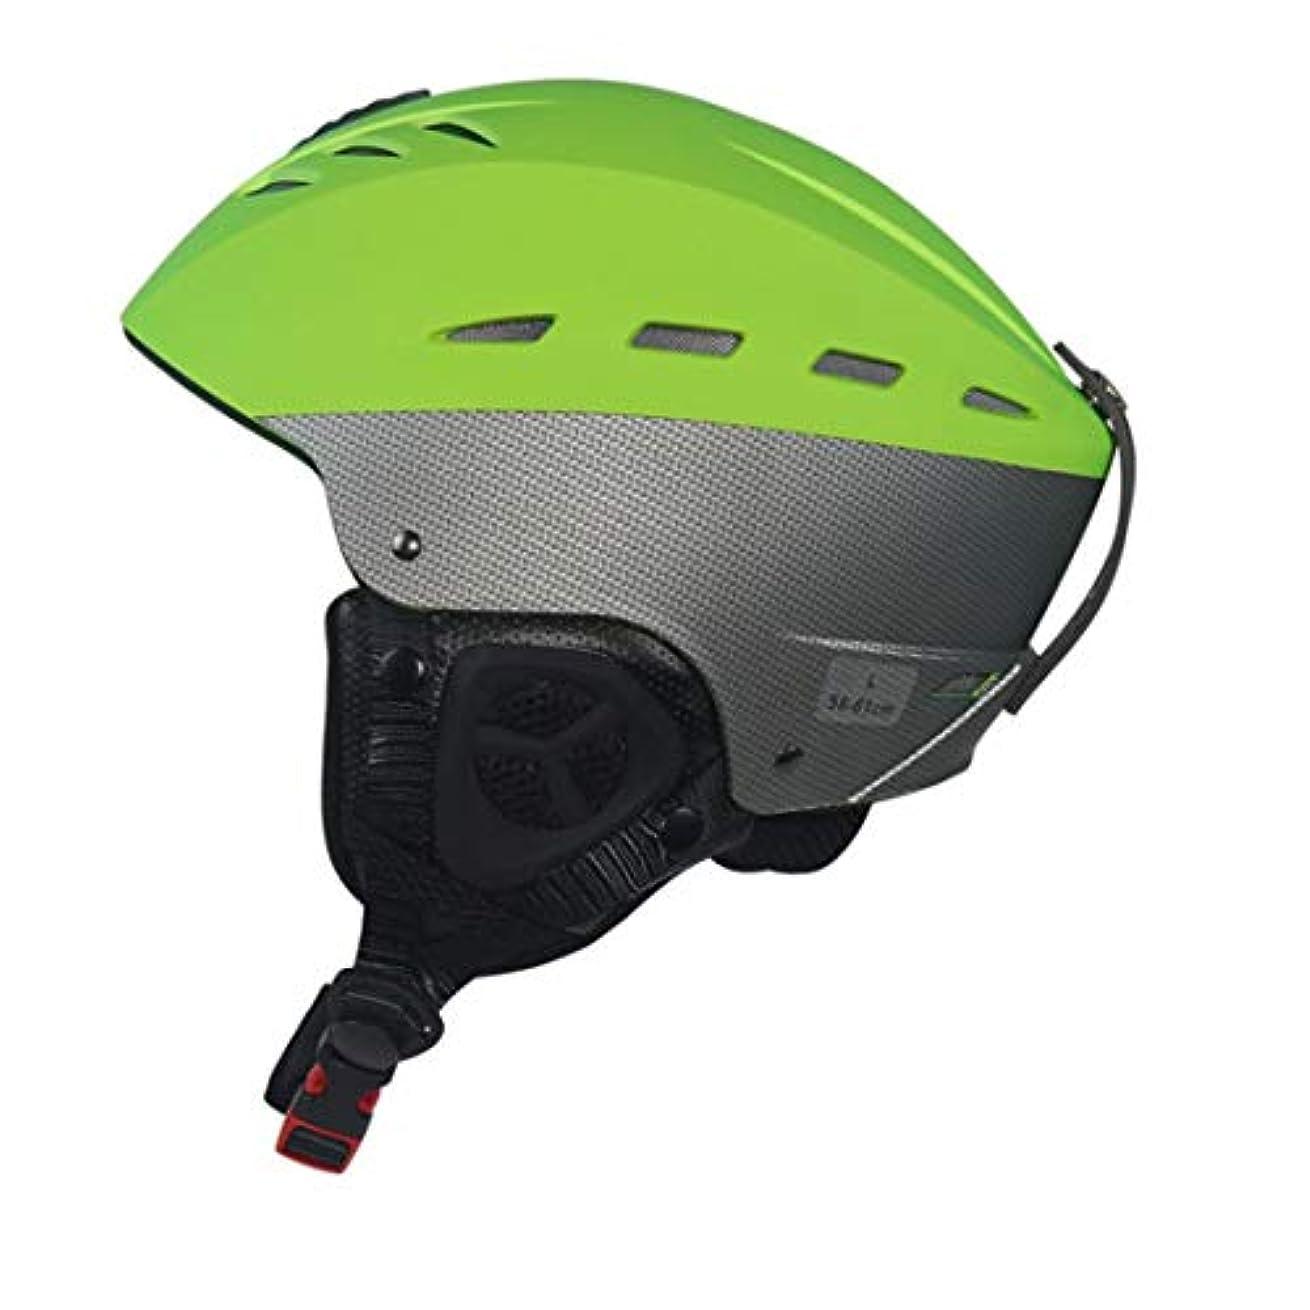 山岳遊びます踏みつけCAFUTY スキー用ヘルメット、スキー用ヘルメット、スキー用ヘルメット、スキー用ヘルメット、アウトドア用ライディングギア (Color : オレンジ)